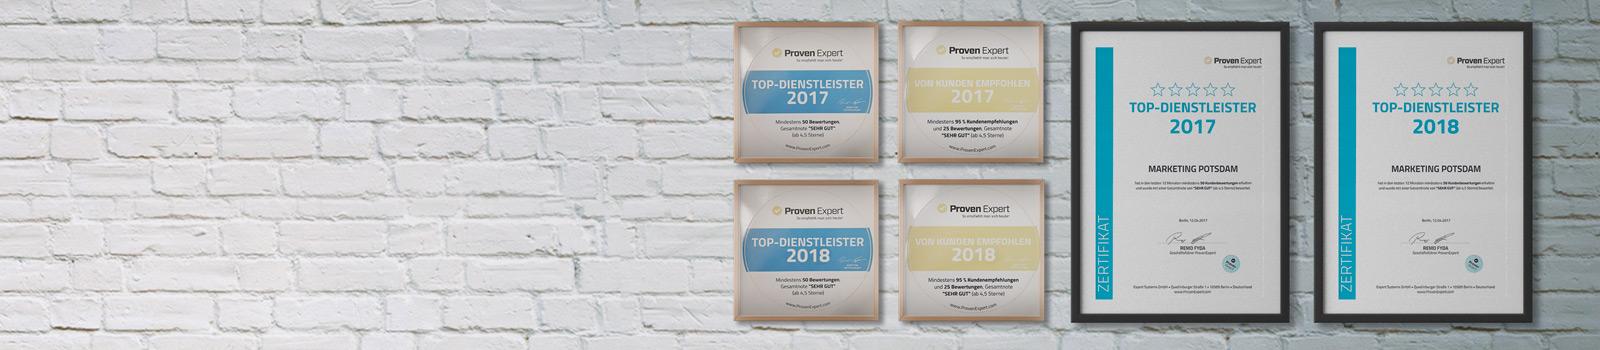 Werbeagentur MAPO-Marketing Potsdam, ProvenExpert Auszeichnungen